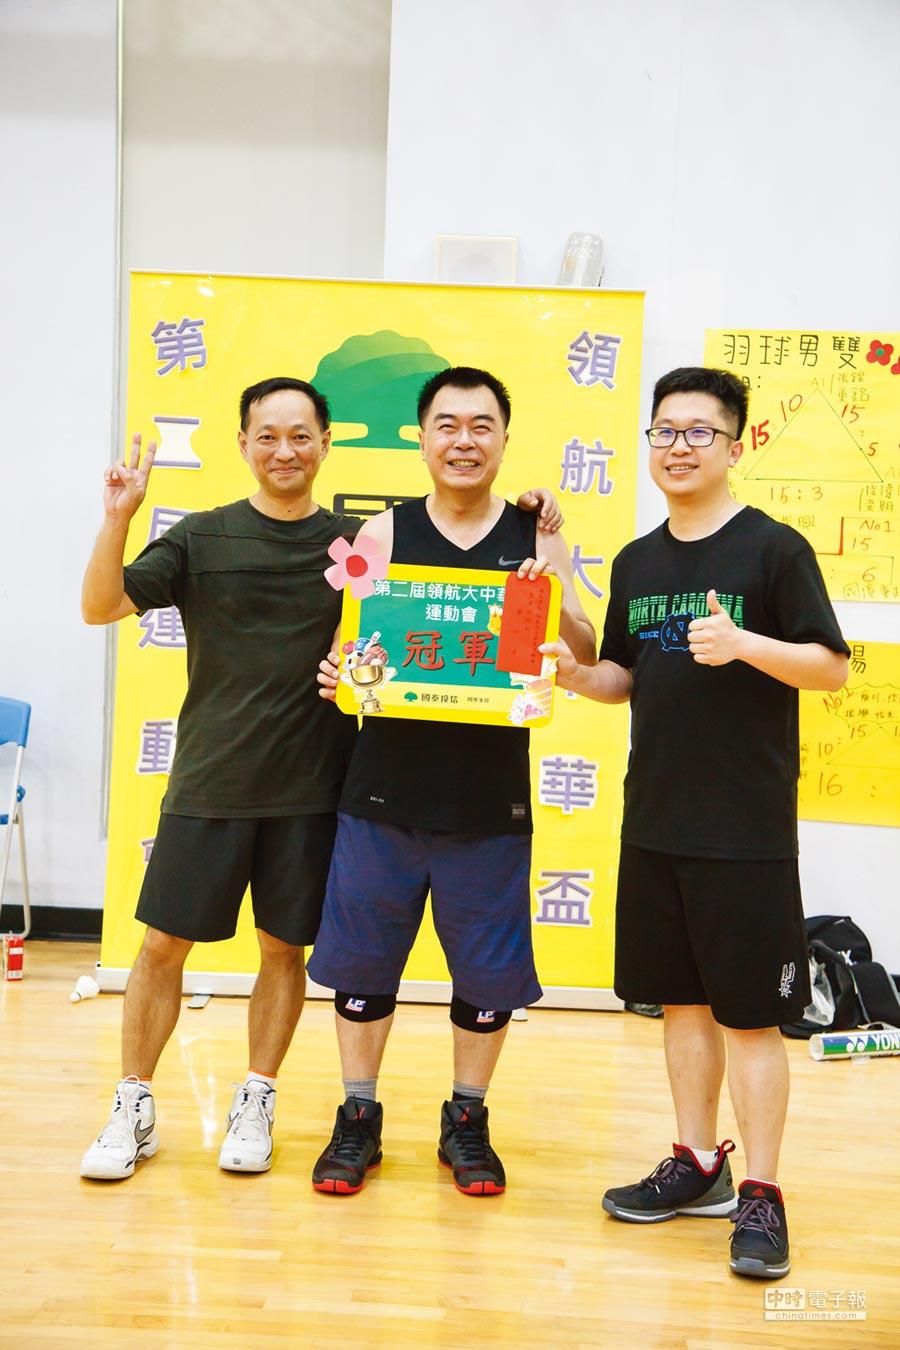 國泰投信總座張雍川(中)領軍贏得國泰員工籃球賽冠軍。圖/私人提供